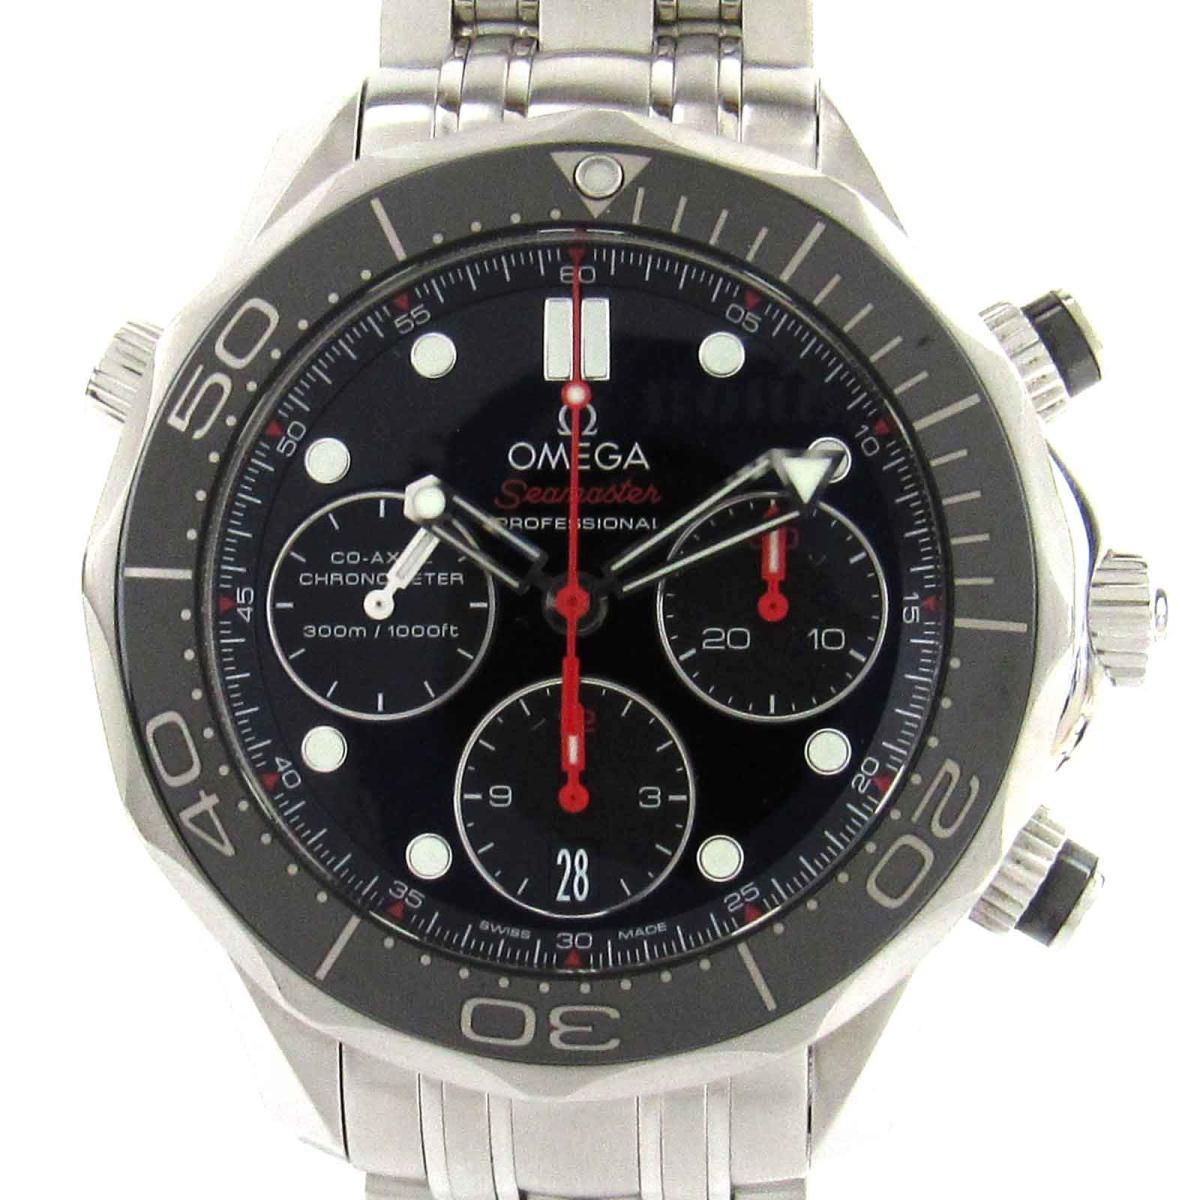 【中古】 オメガ シーマスター プロフェッショナル ウォッチ 腕時計 メンズ ステンレススチール (SS) (212.30.42.50.01.001) | OMEGA BRANDOFF ブランドオフ ブランド ブランド時計 ブランド腕時計 時計